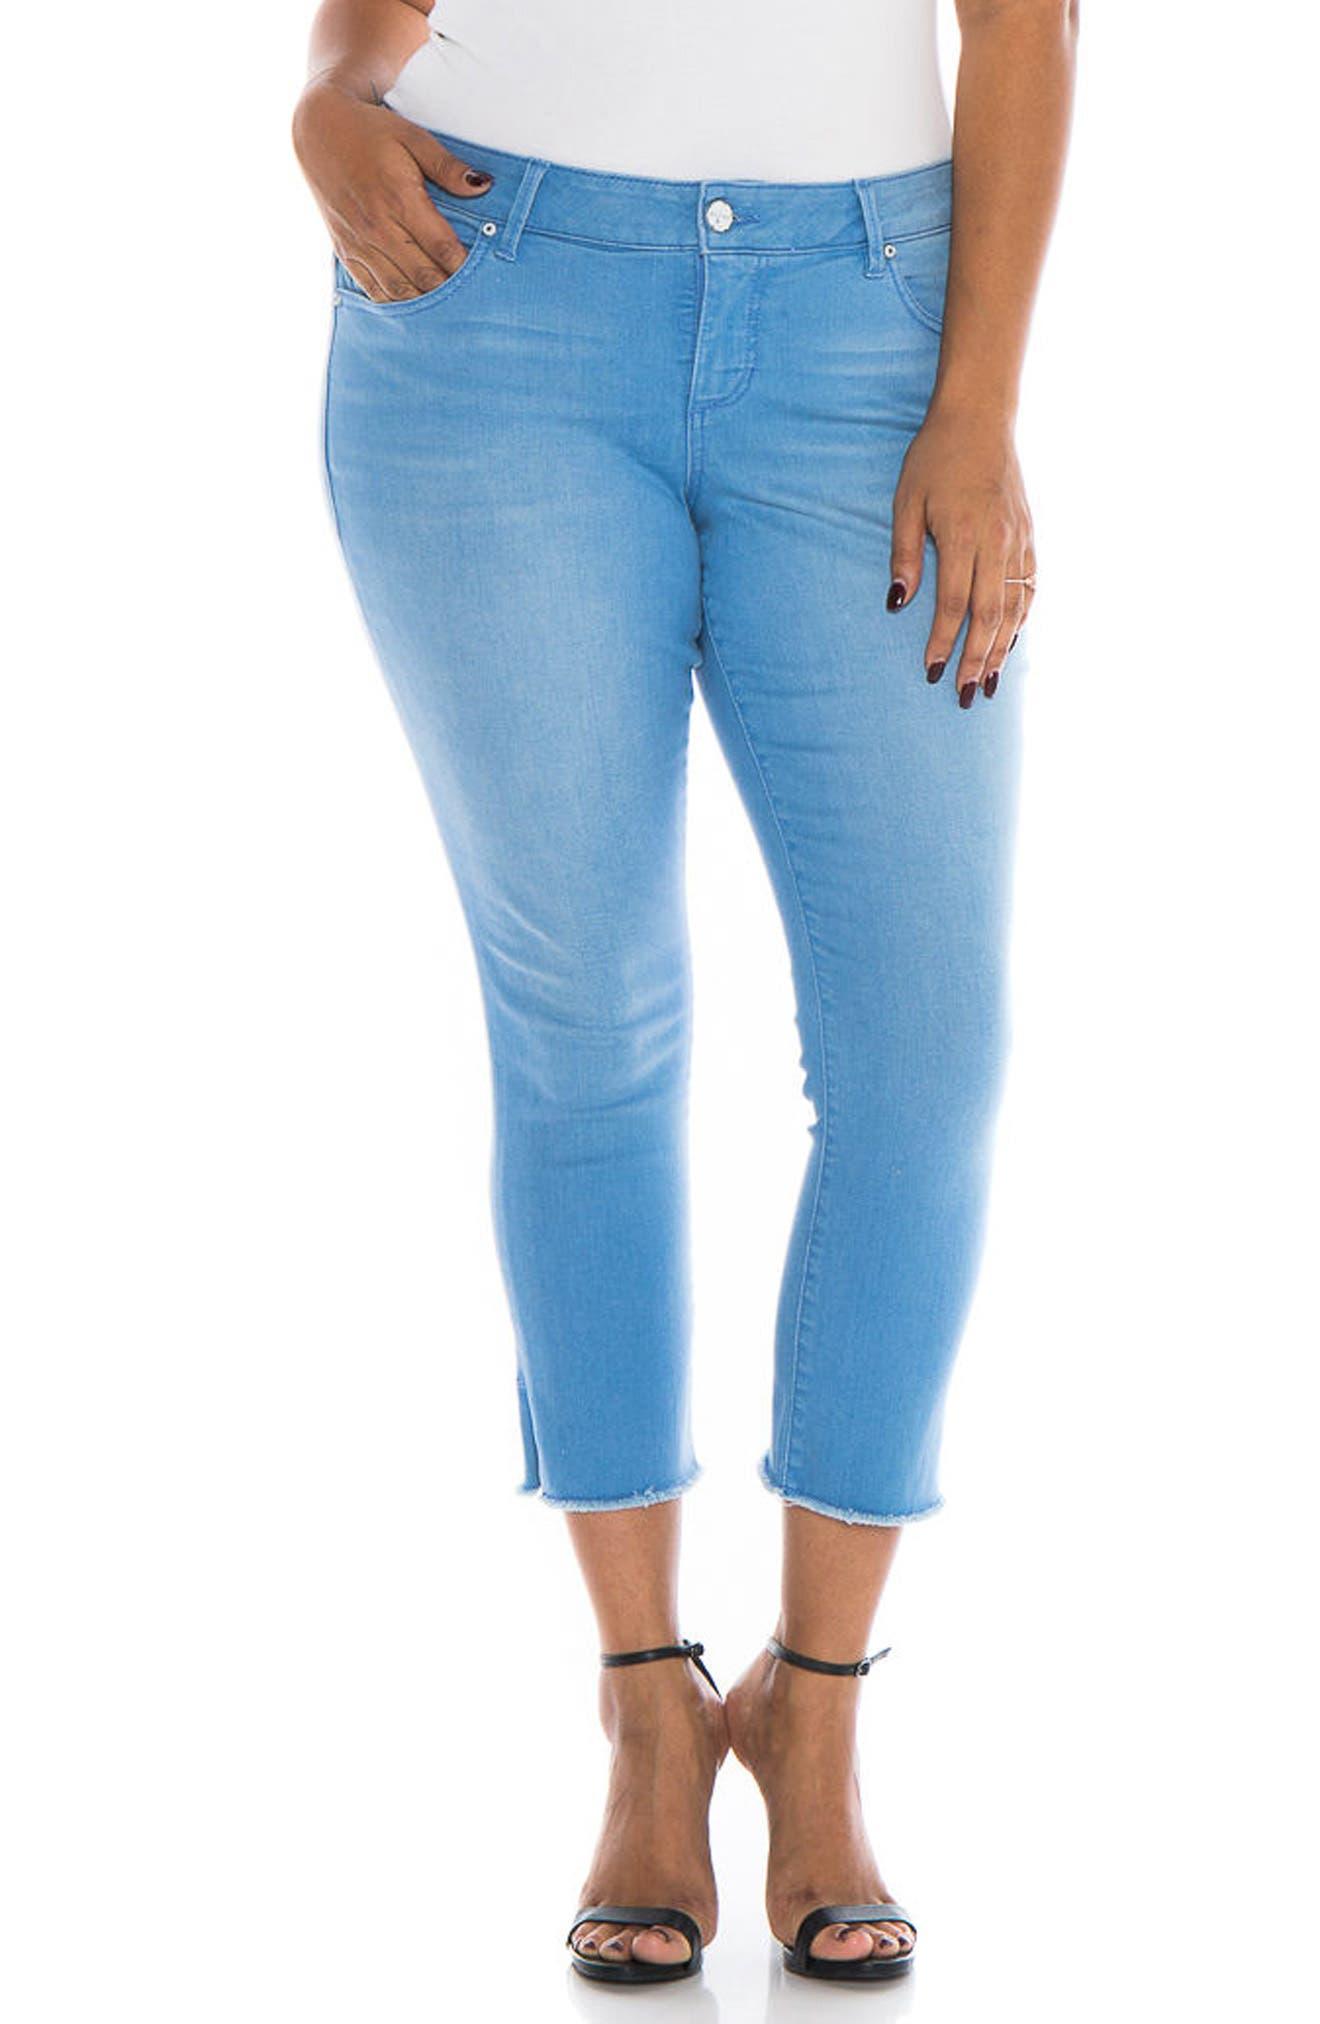 SLINK JEANS Fray Hem Crop Skinny Jeans, Main, color, 453